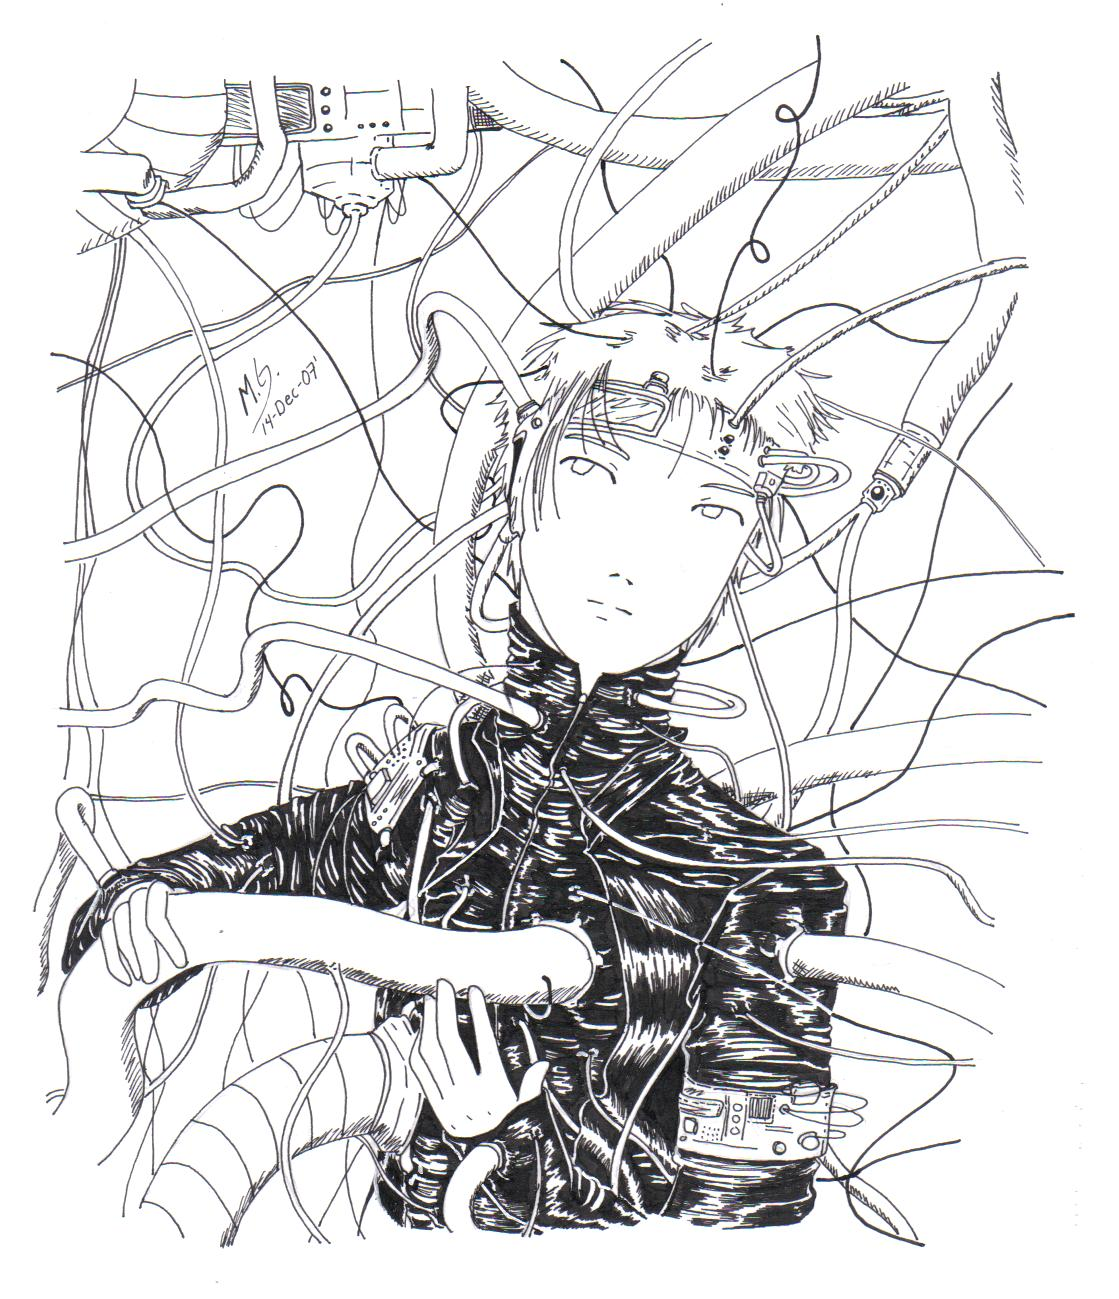 GSFSS by Tono chan ... 間違いないですよね! 下の写真の、ベントレー コンチネンタルGTの